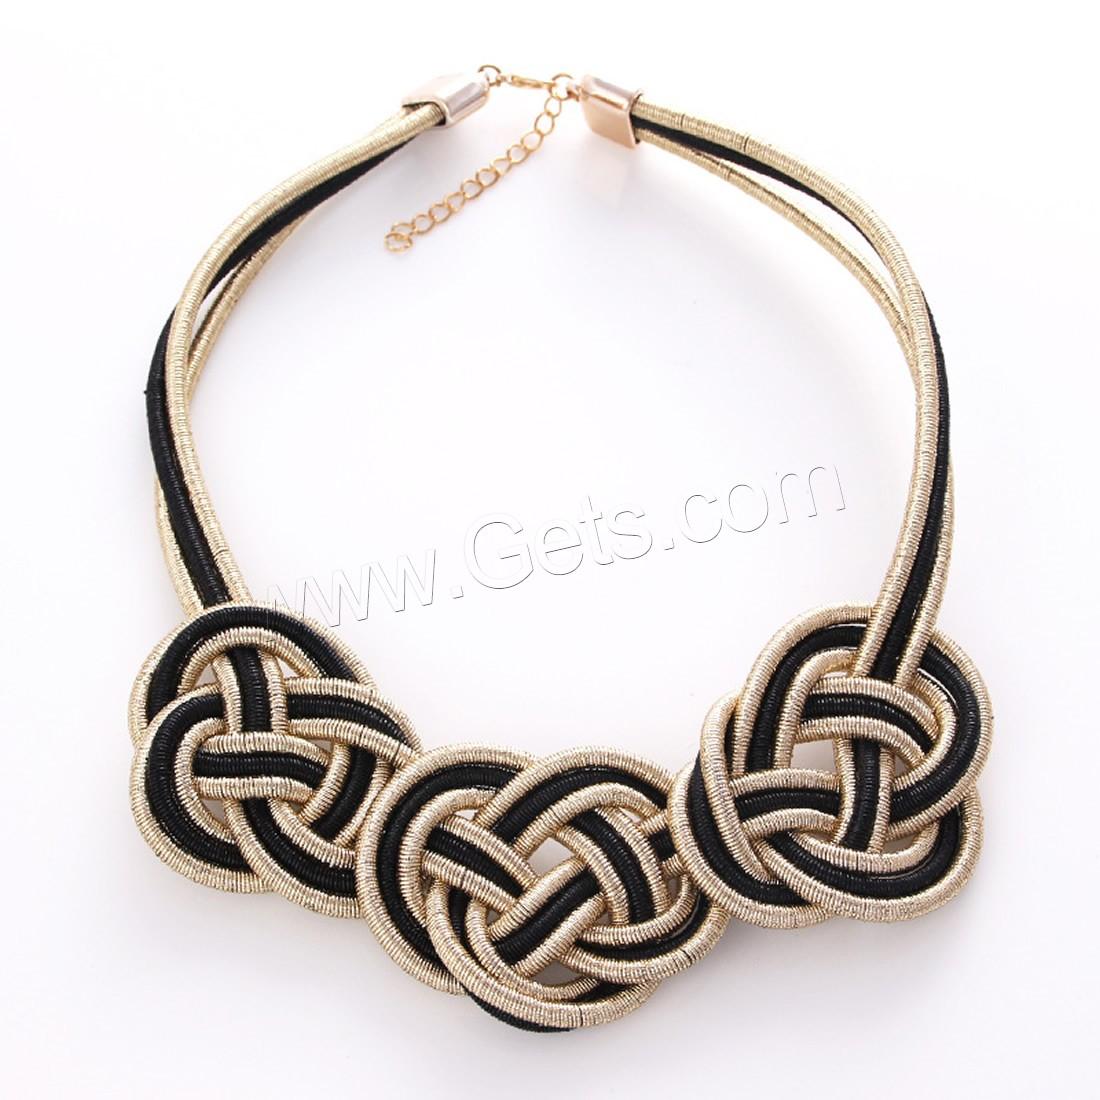 no 9ct Oro Blanco Cadena Collar De Seguridad//Extensión-con anillo de Perno 7cm-chatarra